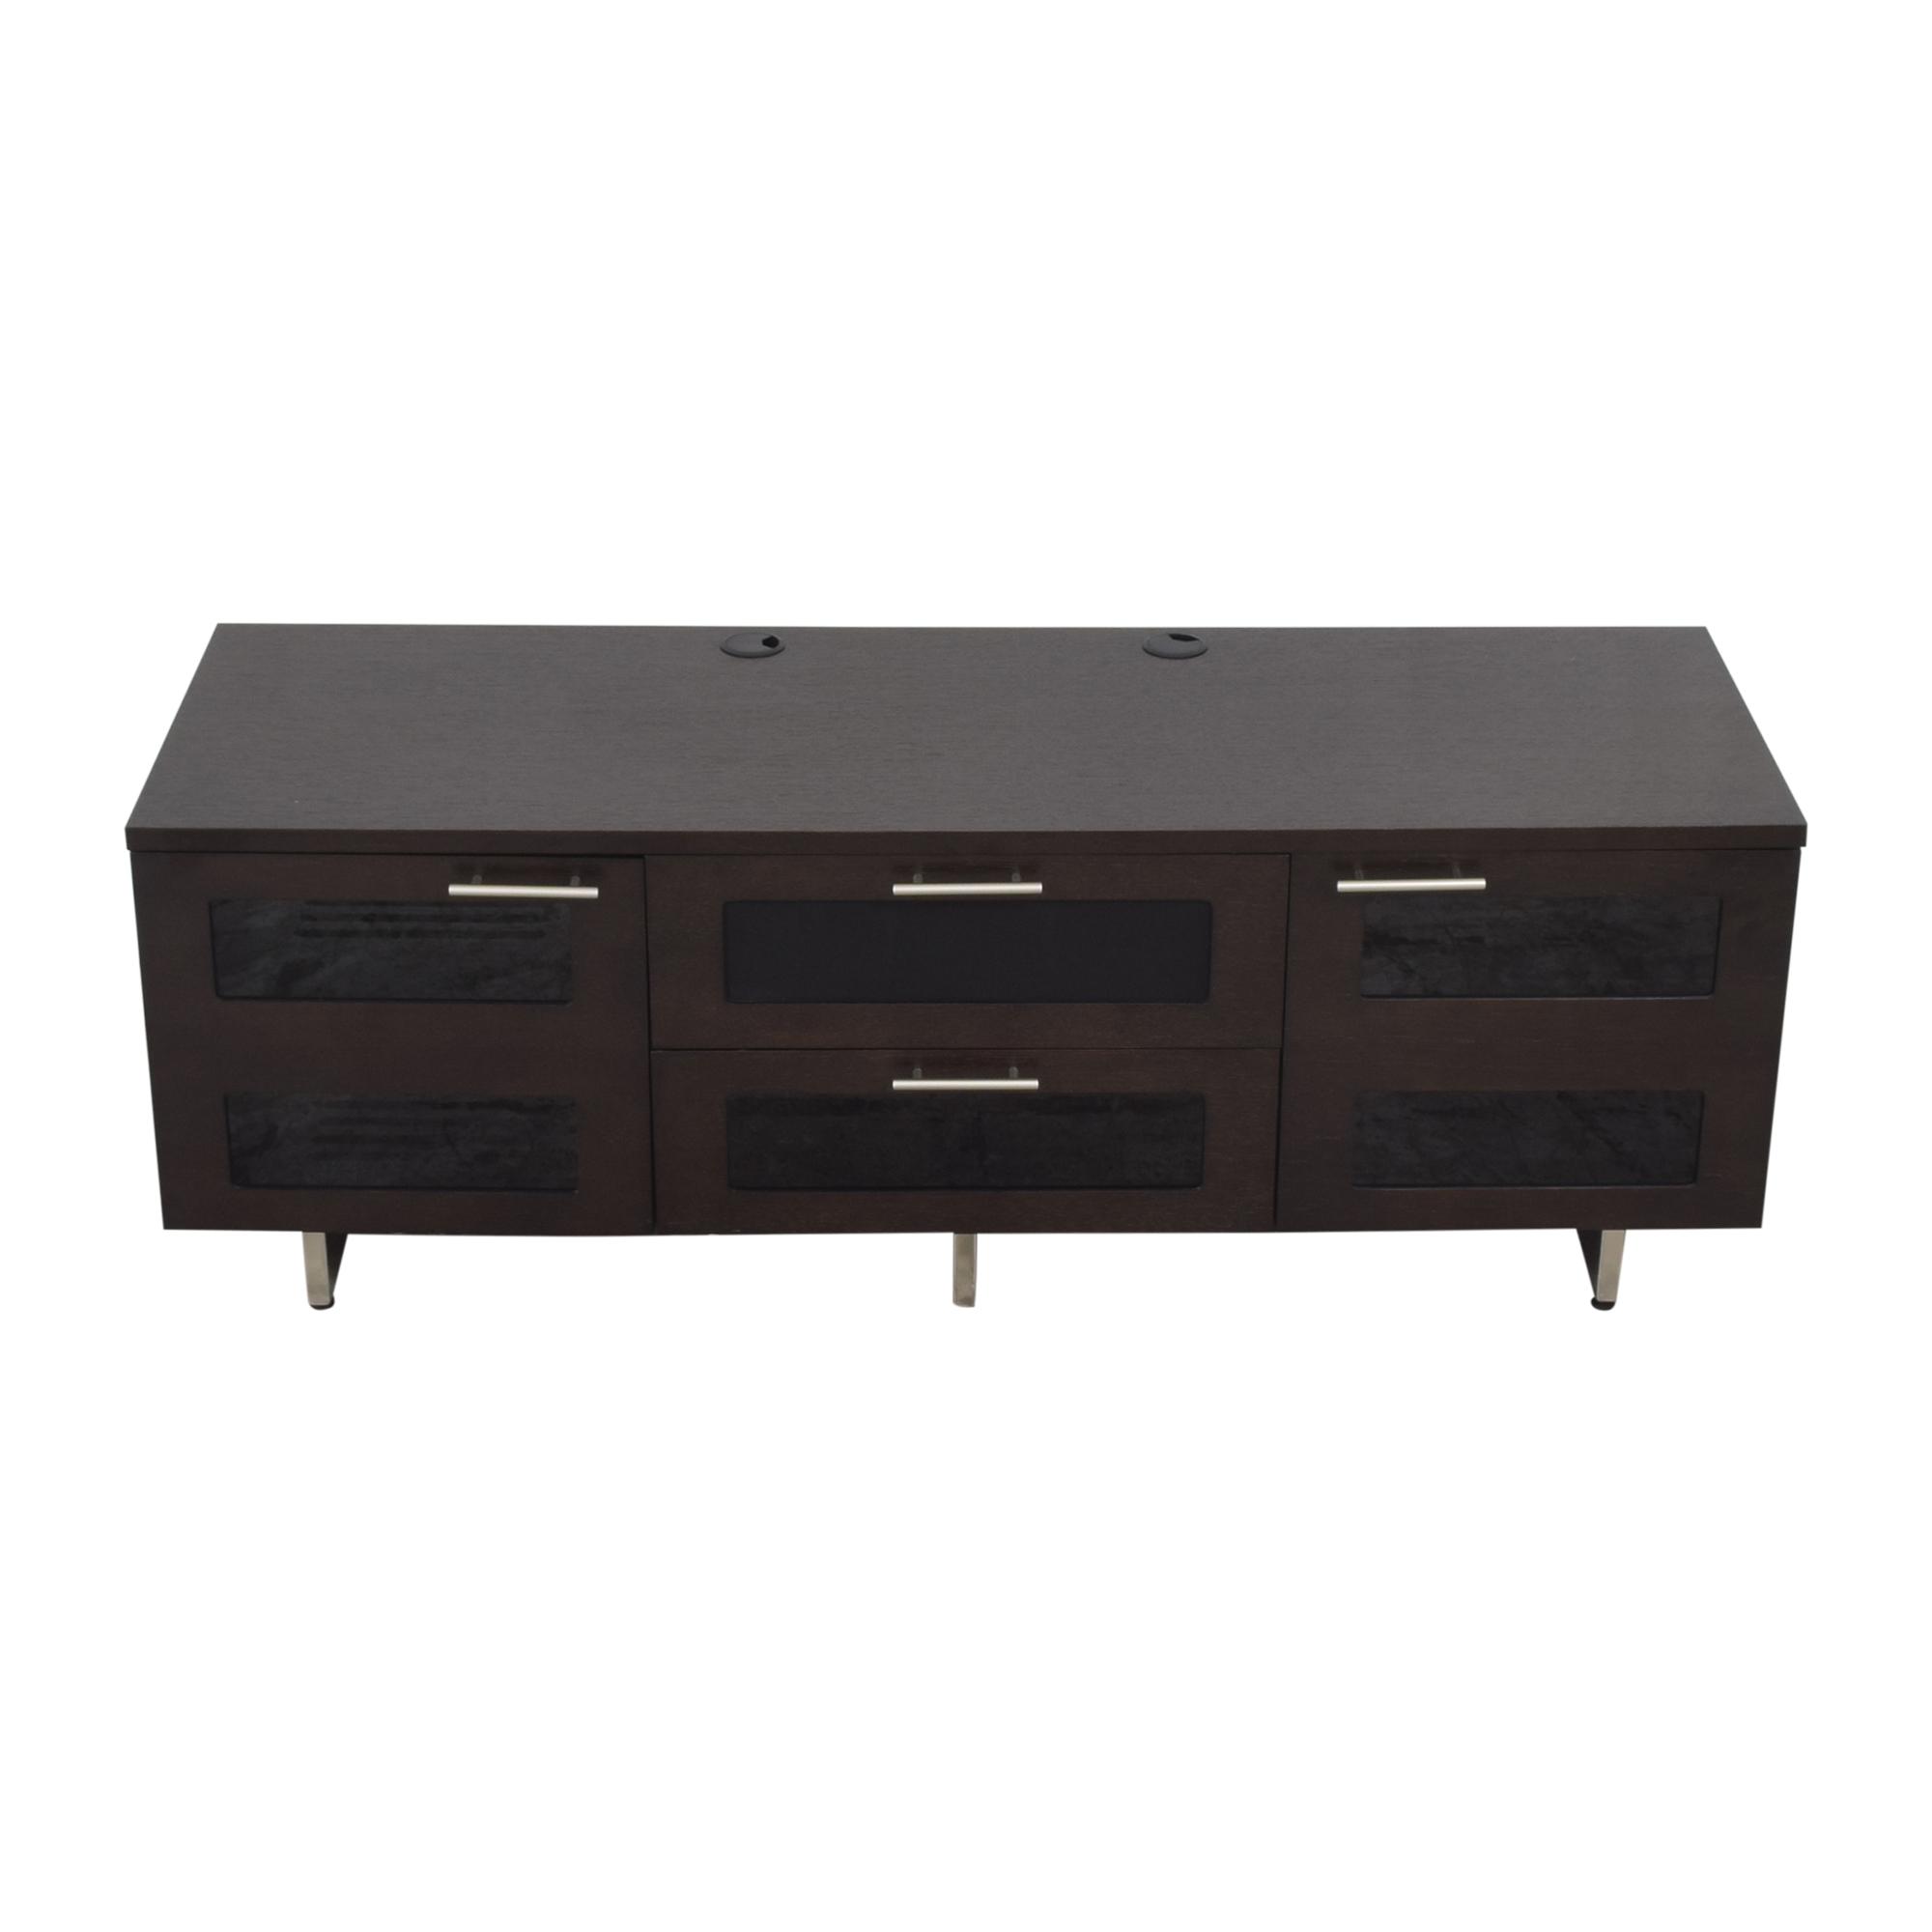 BDI Furniture BDI Furniture Avion TV Cabinet